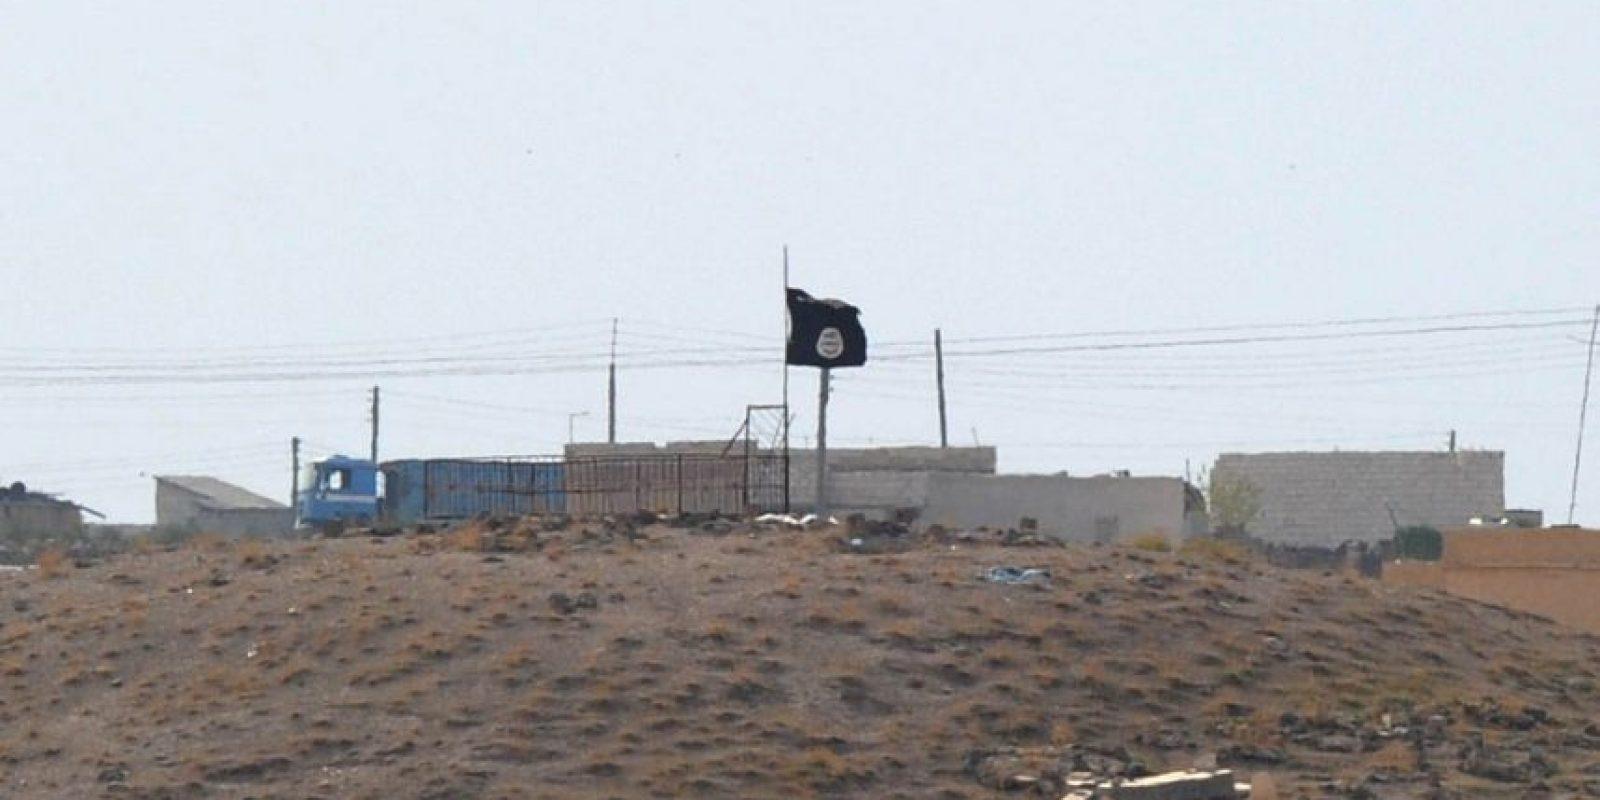 La iniciativa se ha concentrado casi exclusivamente en conseguir la derrota militar del grupo armado, también conocido como ISIS, y ni el gobierno iraquí ni sus aliados han abordado seriamente posibles reformas y medidas de justicia por abusos que podrían contribuir a recobrar el apoyo de la población suní en Irak. Foto:Getty Images